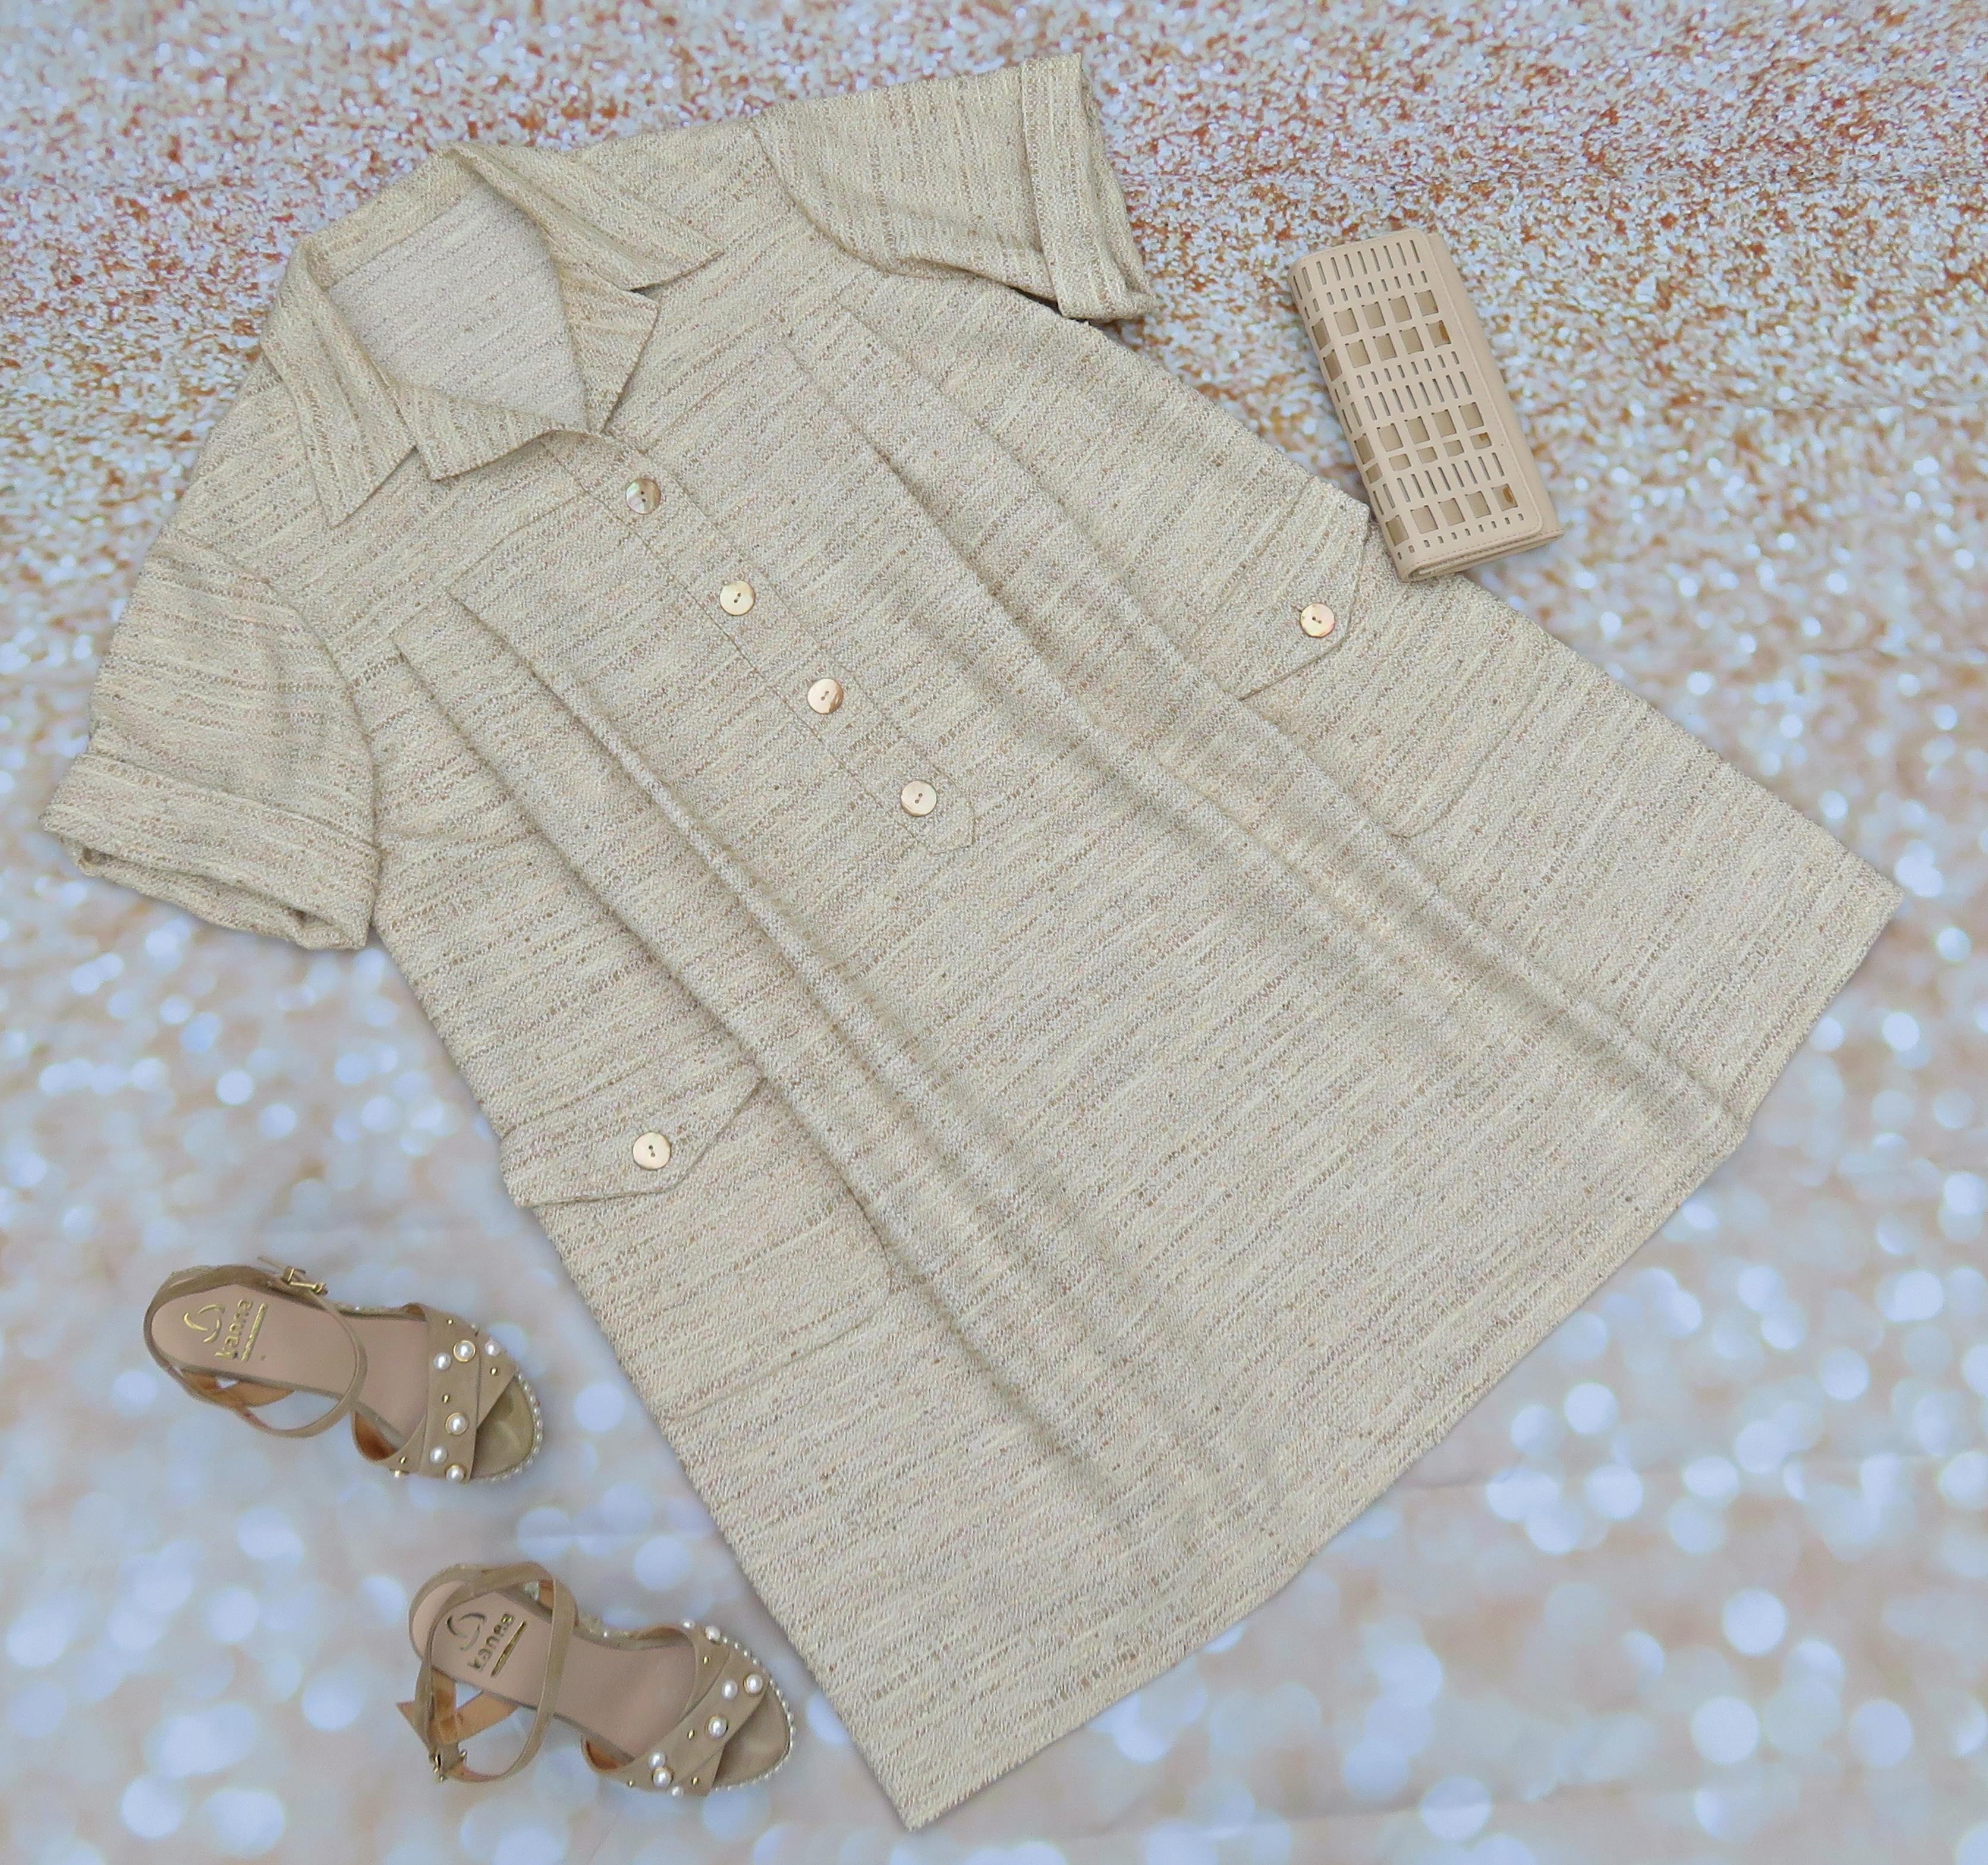 Vestido beig chanel 2